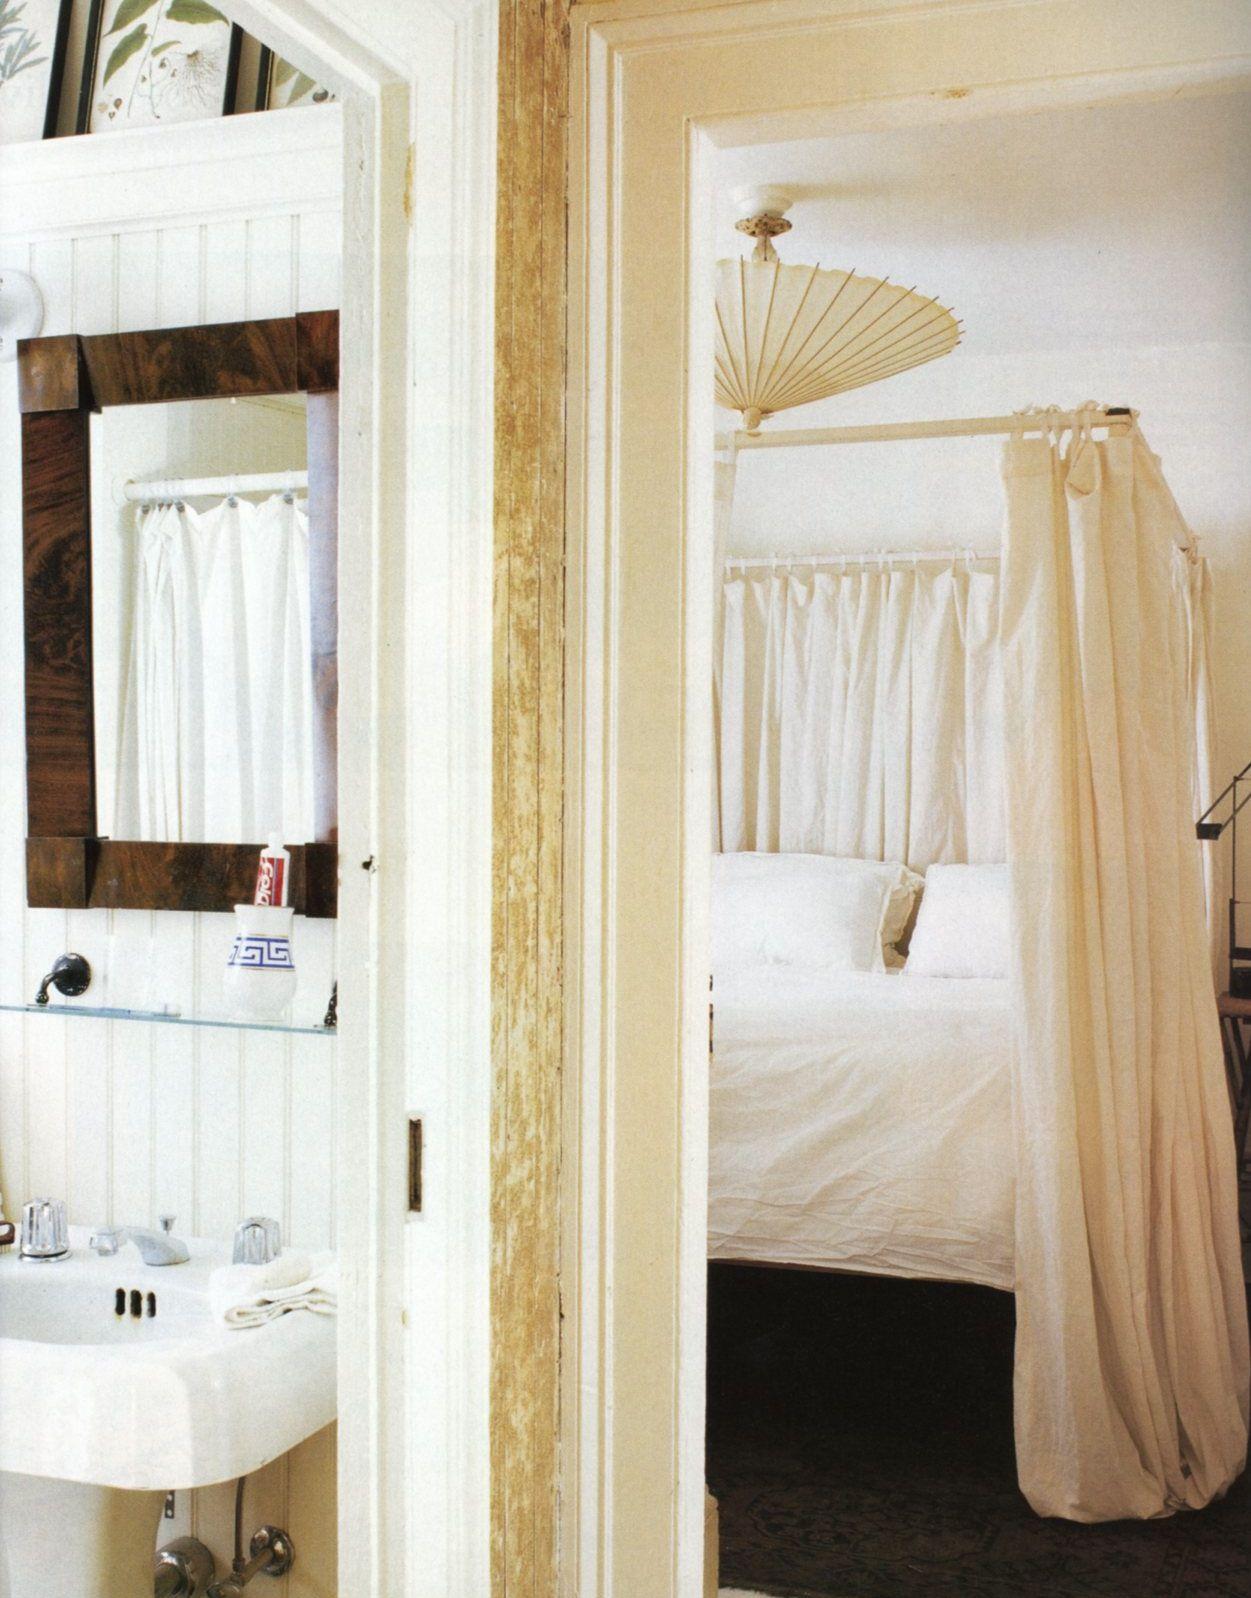 Frank faulker elle decor romantic bedroom fortuny pendant